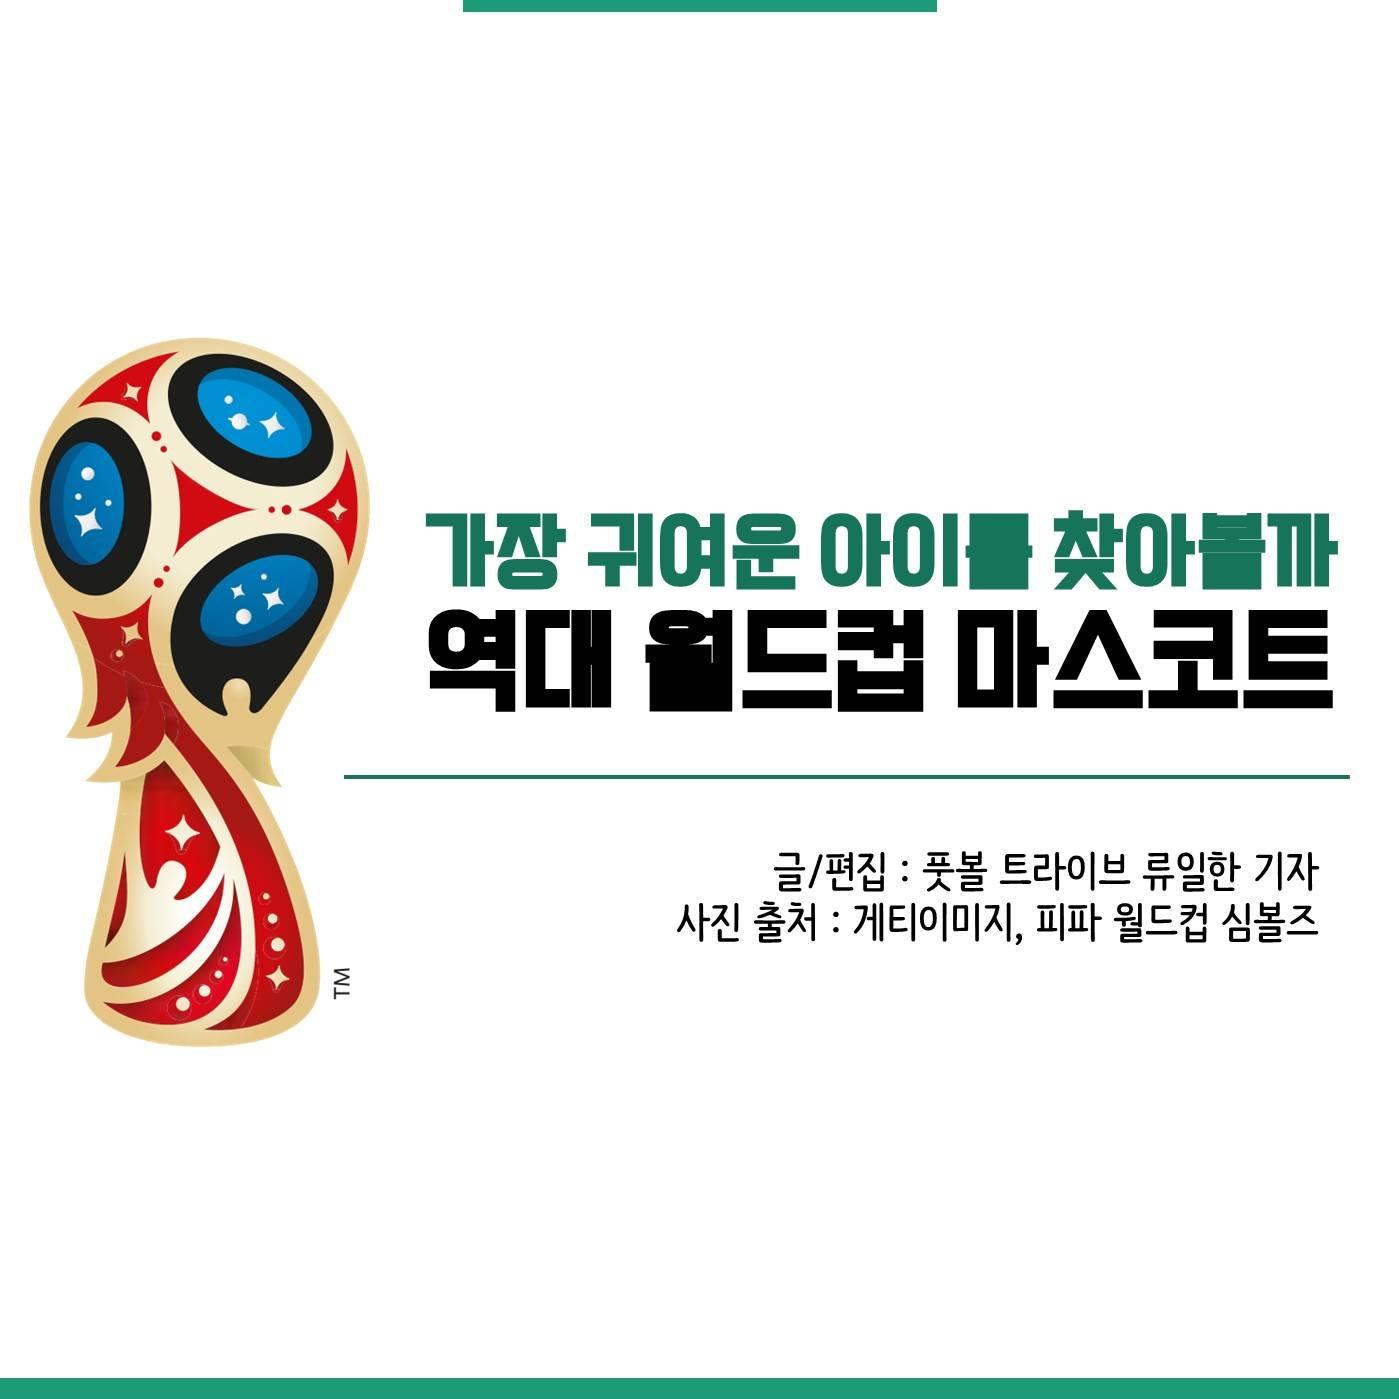 """[카드 뉴스] """"가장 귀여운 아이를 찾아볼까"""" 역대 월드컵 마스코트"""